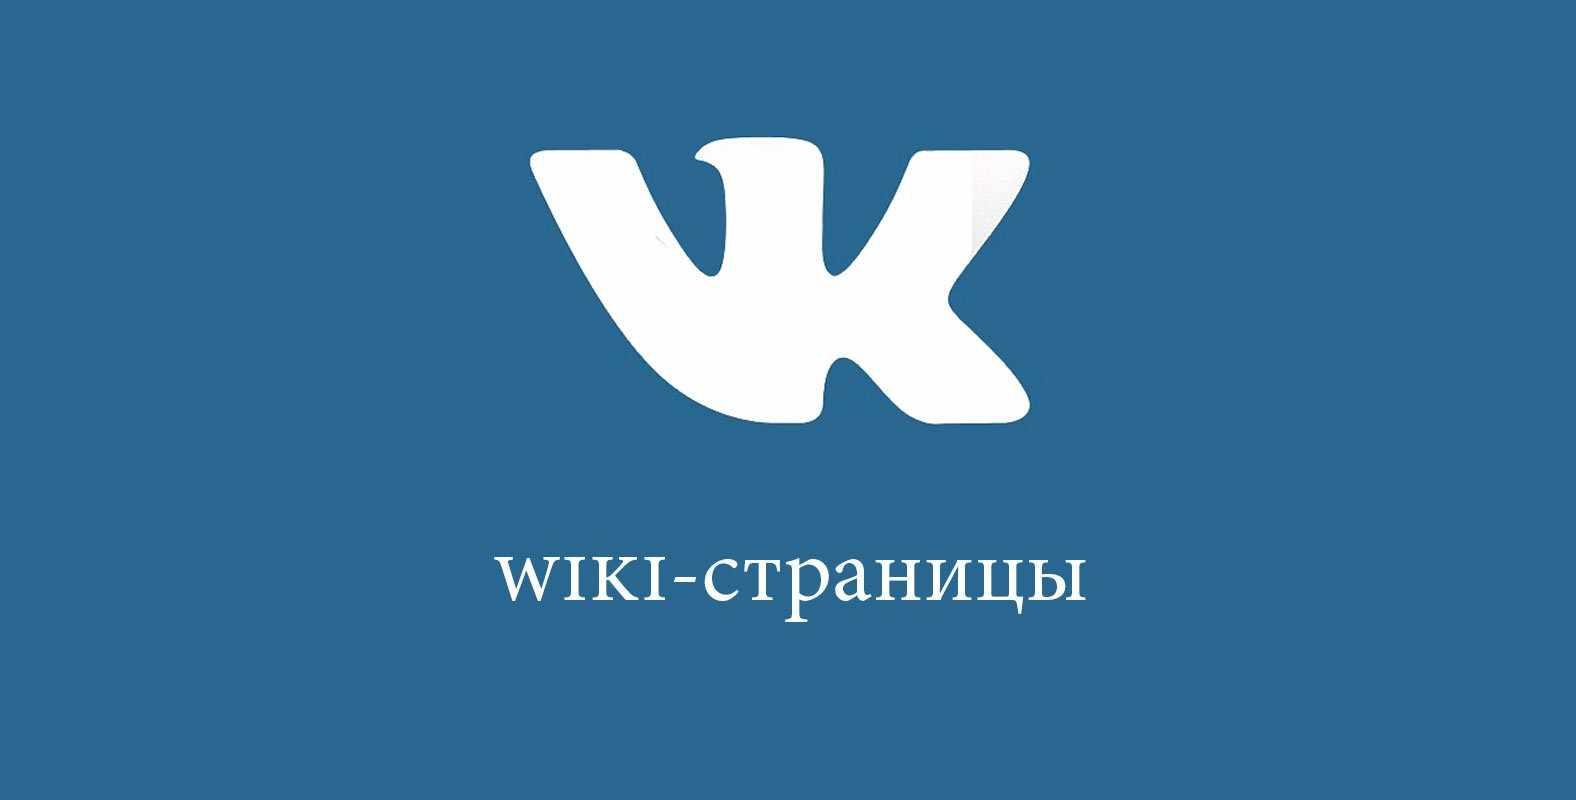 Как создать wiki-страницу Вконтакте